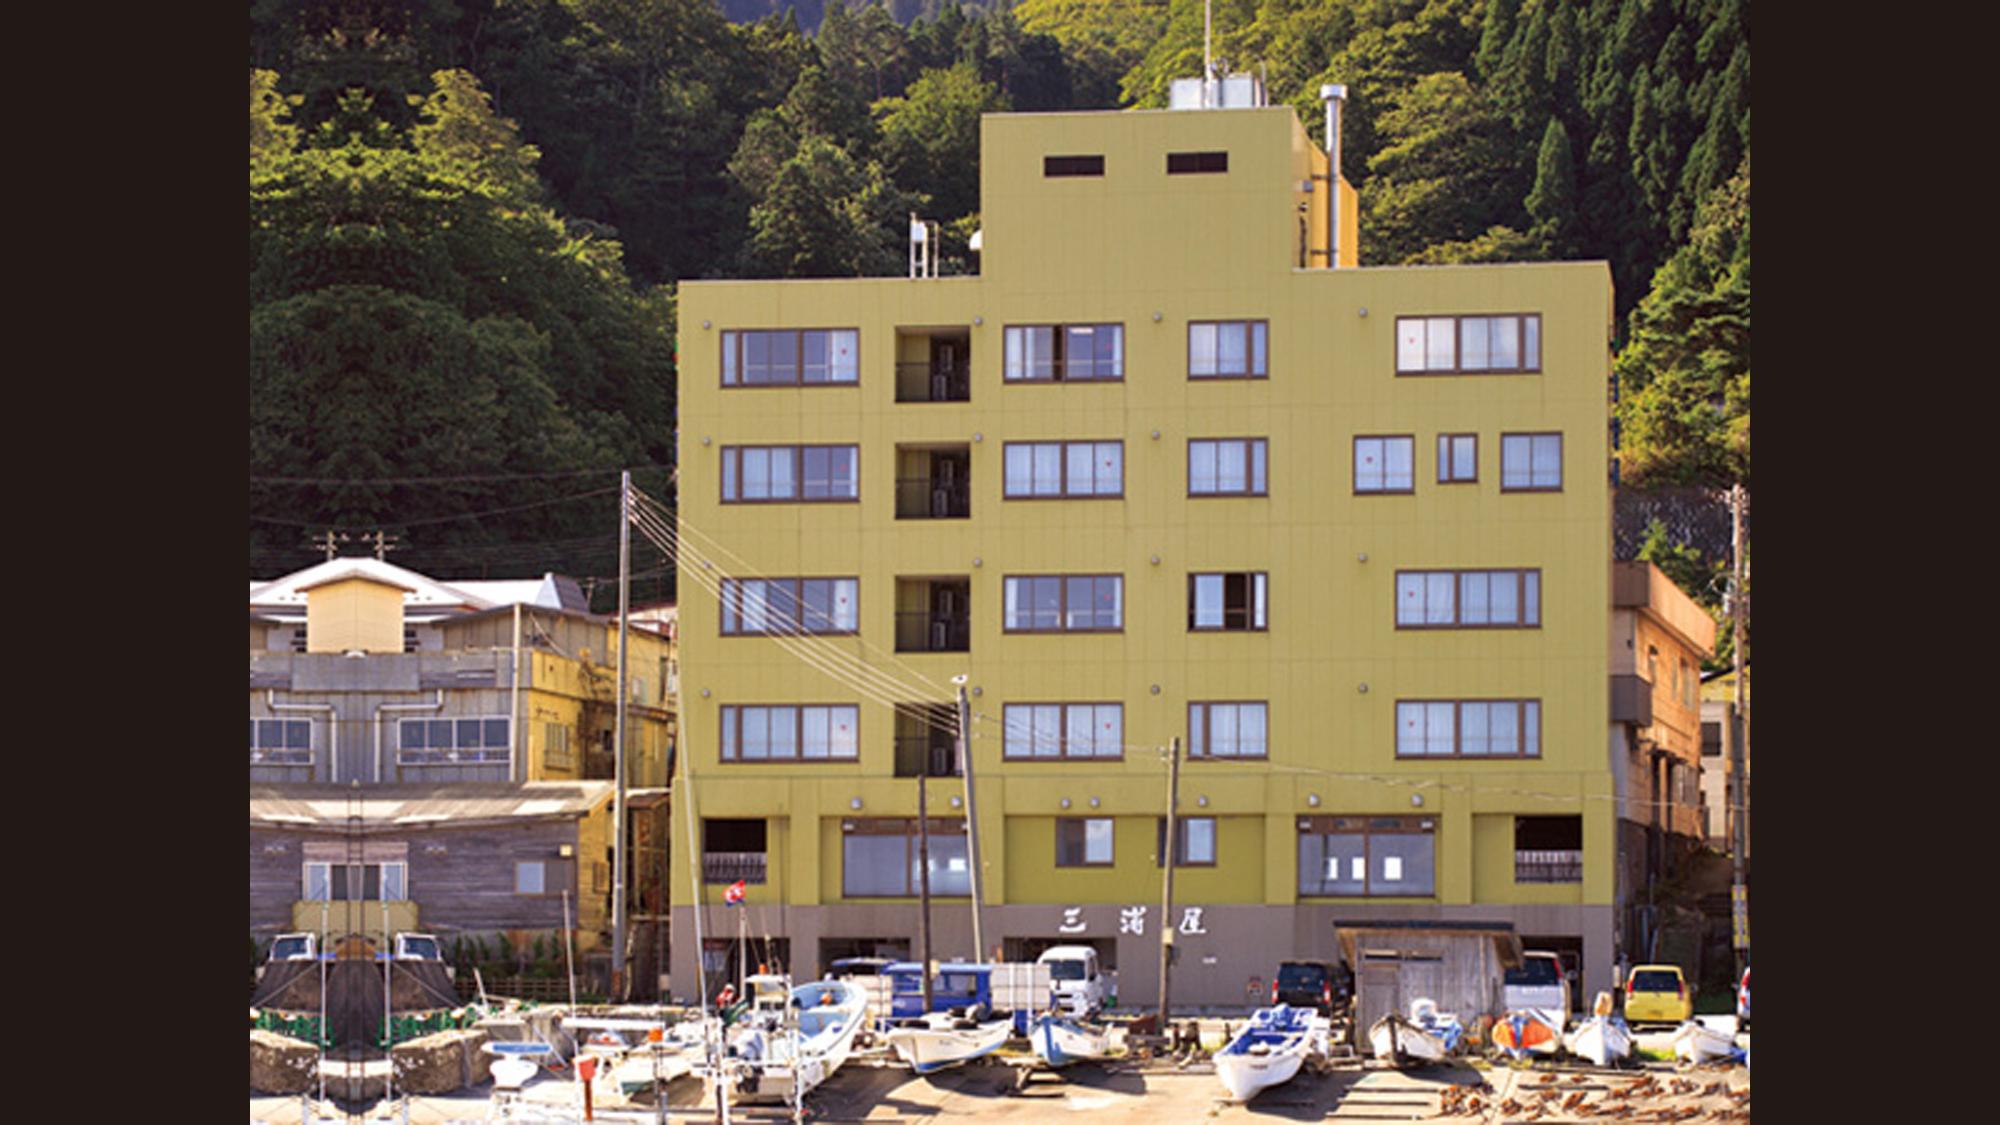 下風呂 観光ホテル 三浦屋◆楽天トラベル